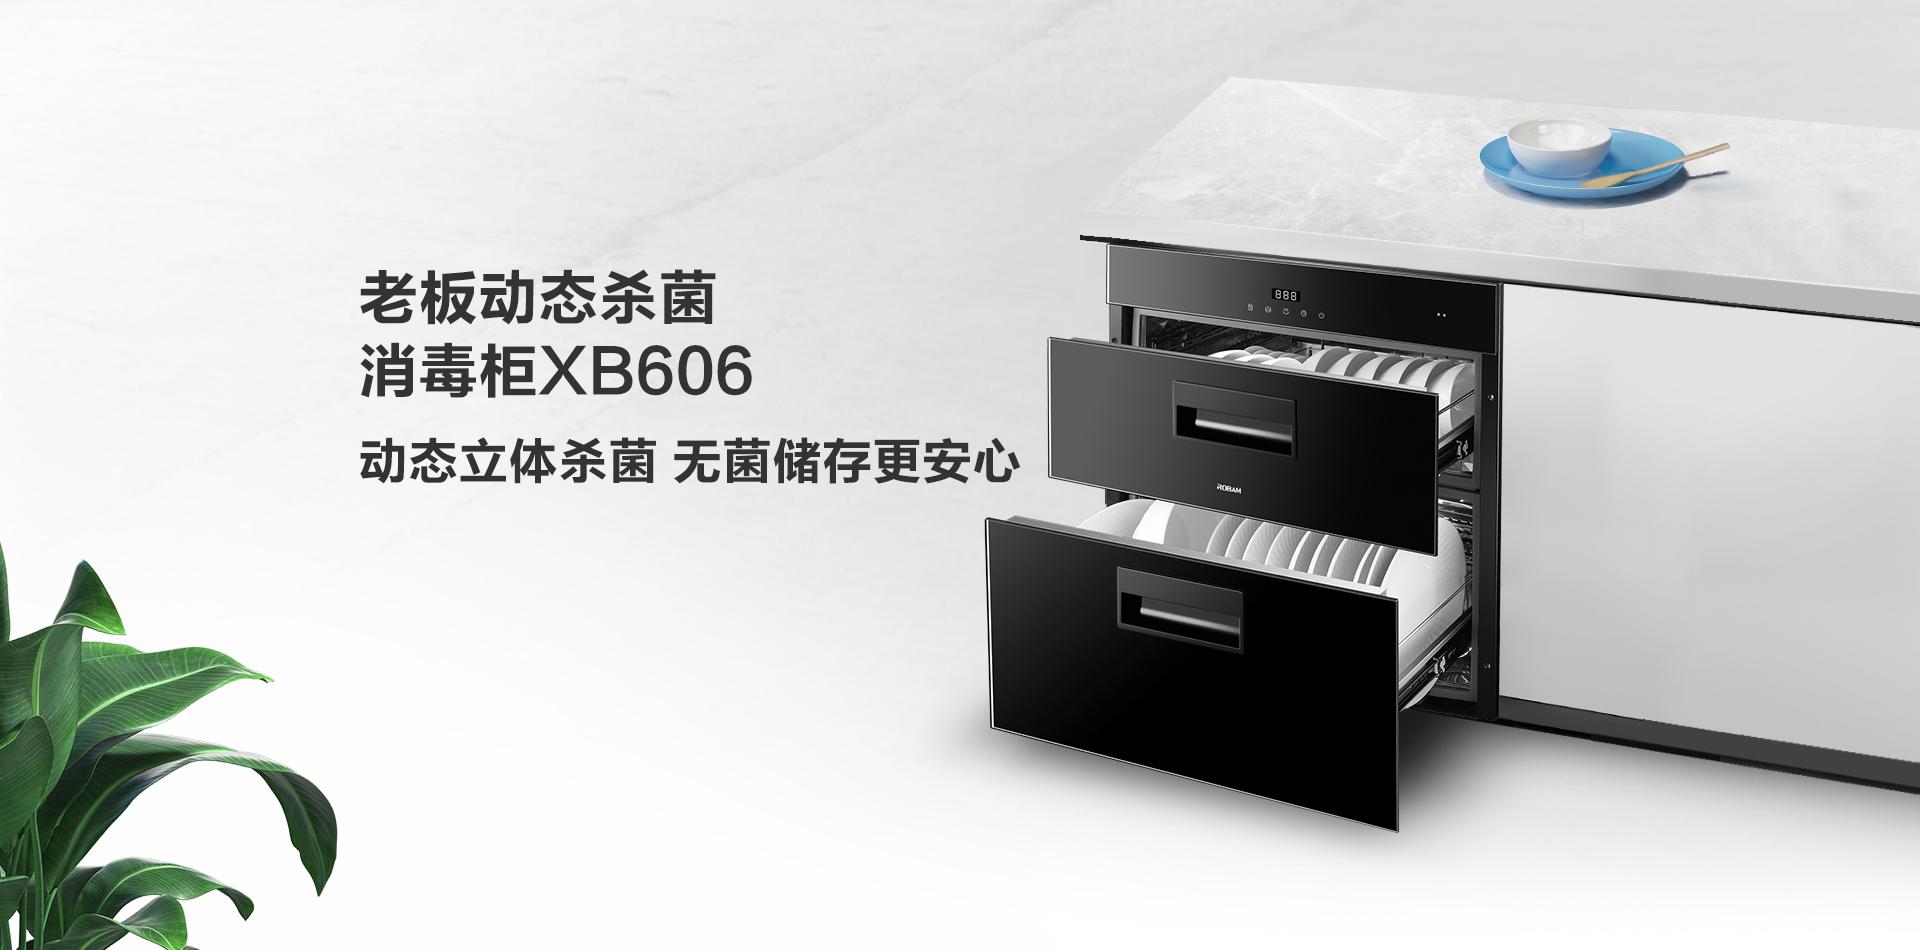 XB606消毒柜-上新-PC端-210719_01.png